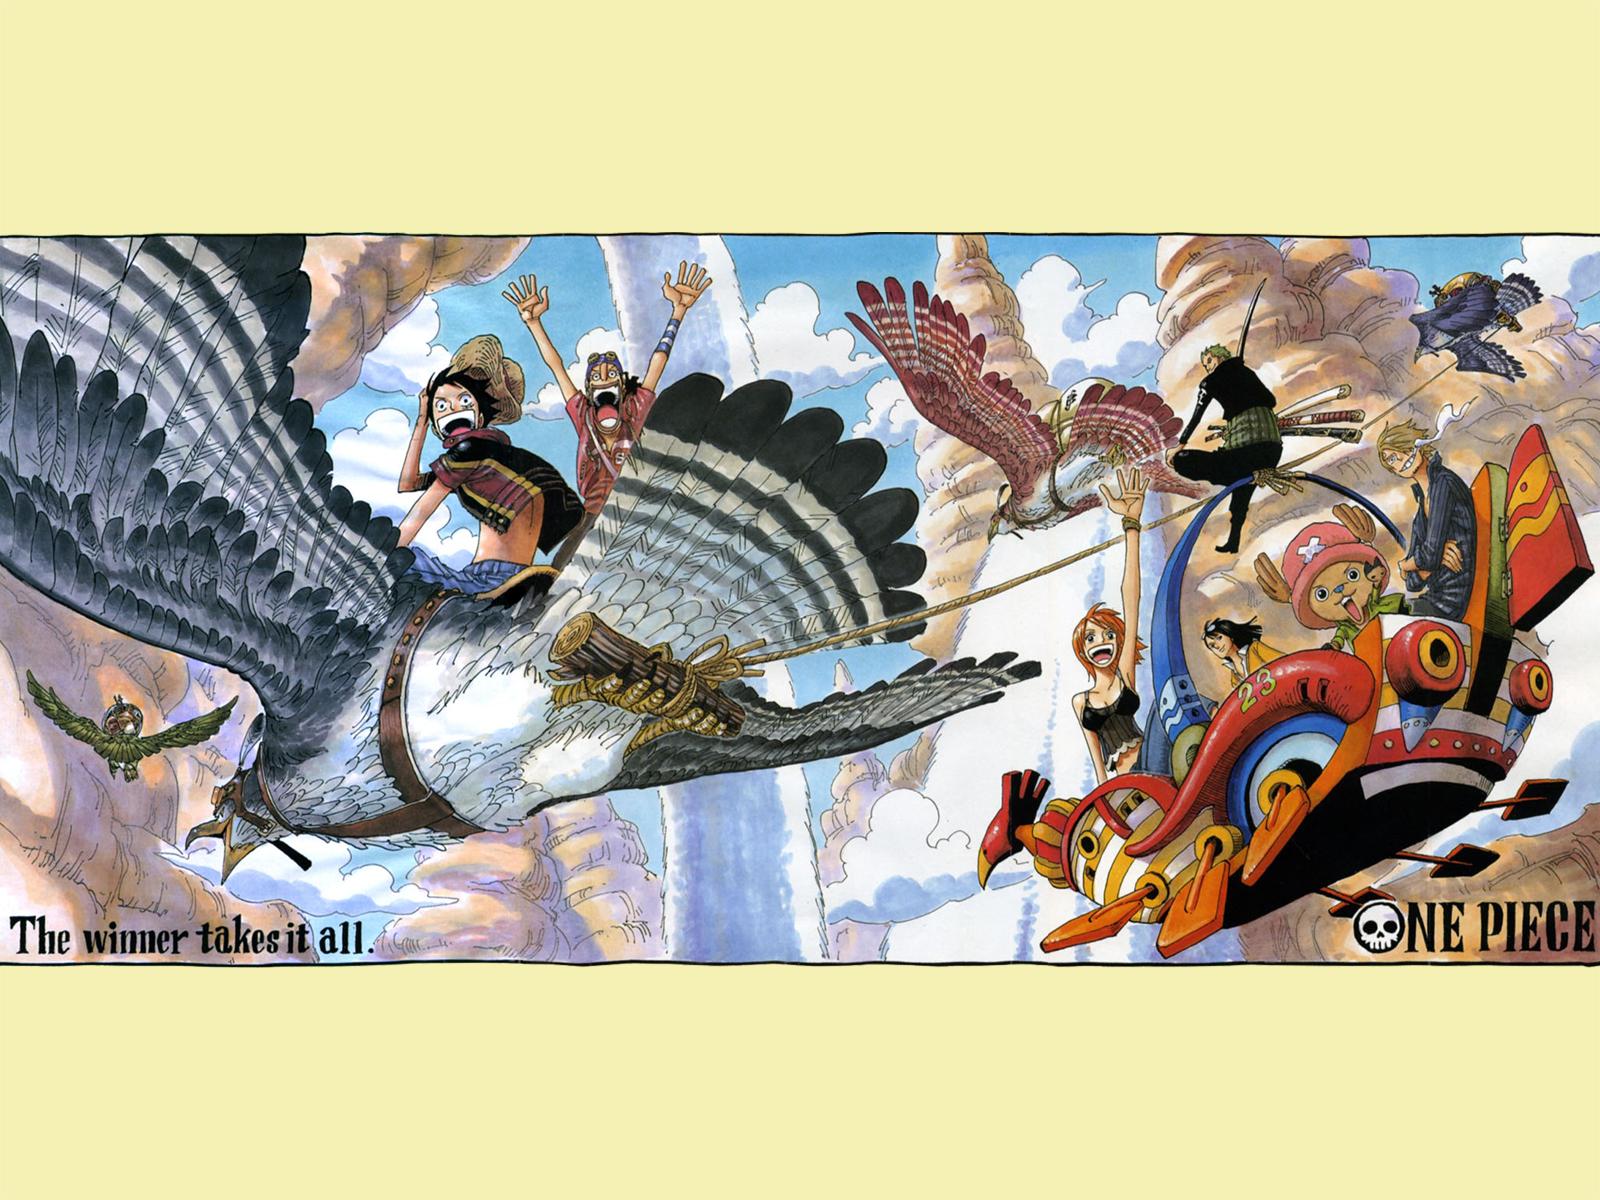 monkey_d_luffy nami nico_robin one_piece roronoa_zoro sanji tony_tony_chopper usopp